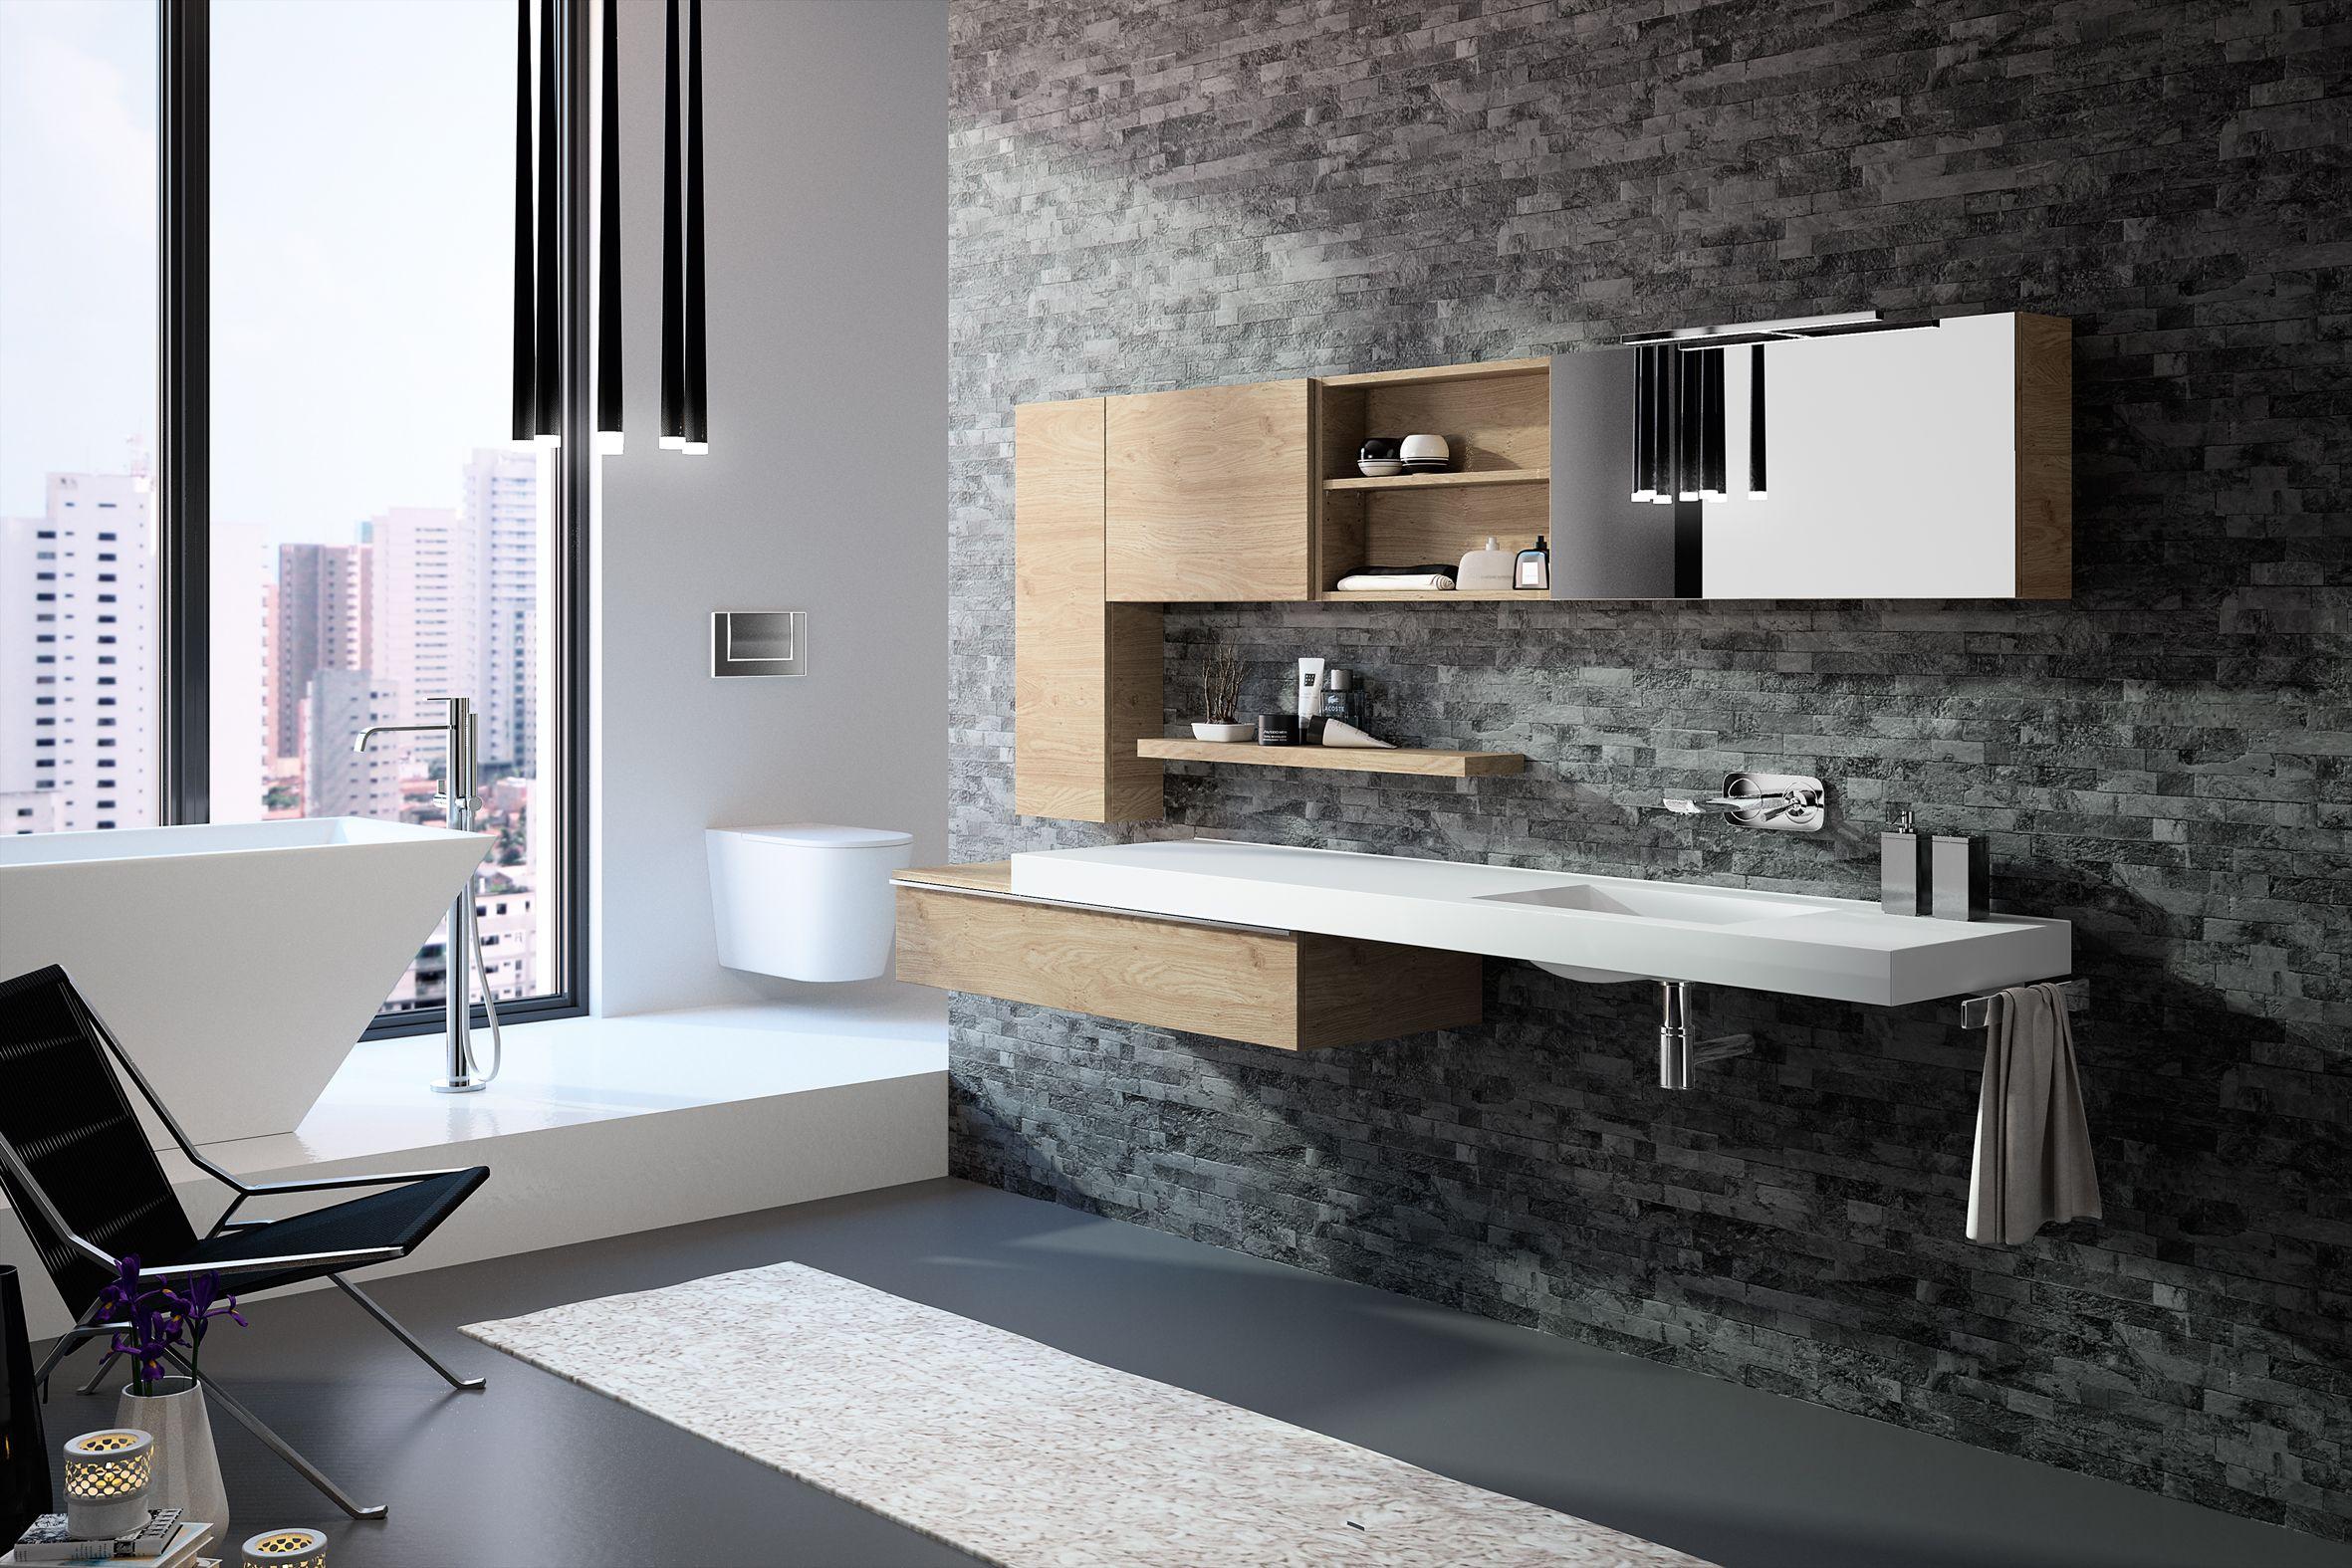 meubles de salle de bain cedam gamme extenso sur mesure